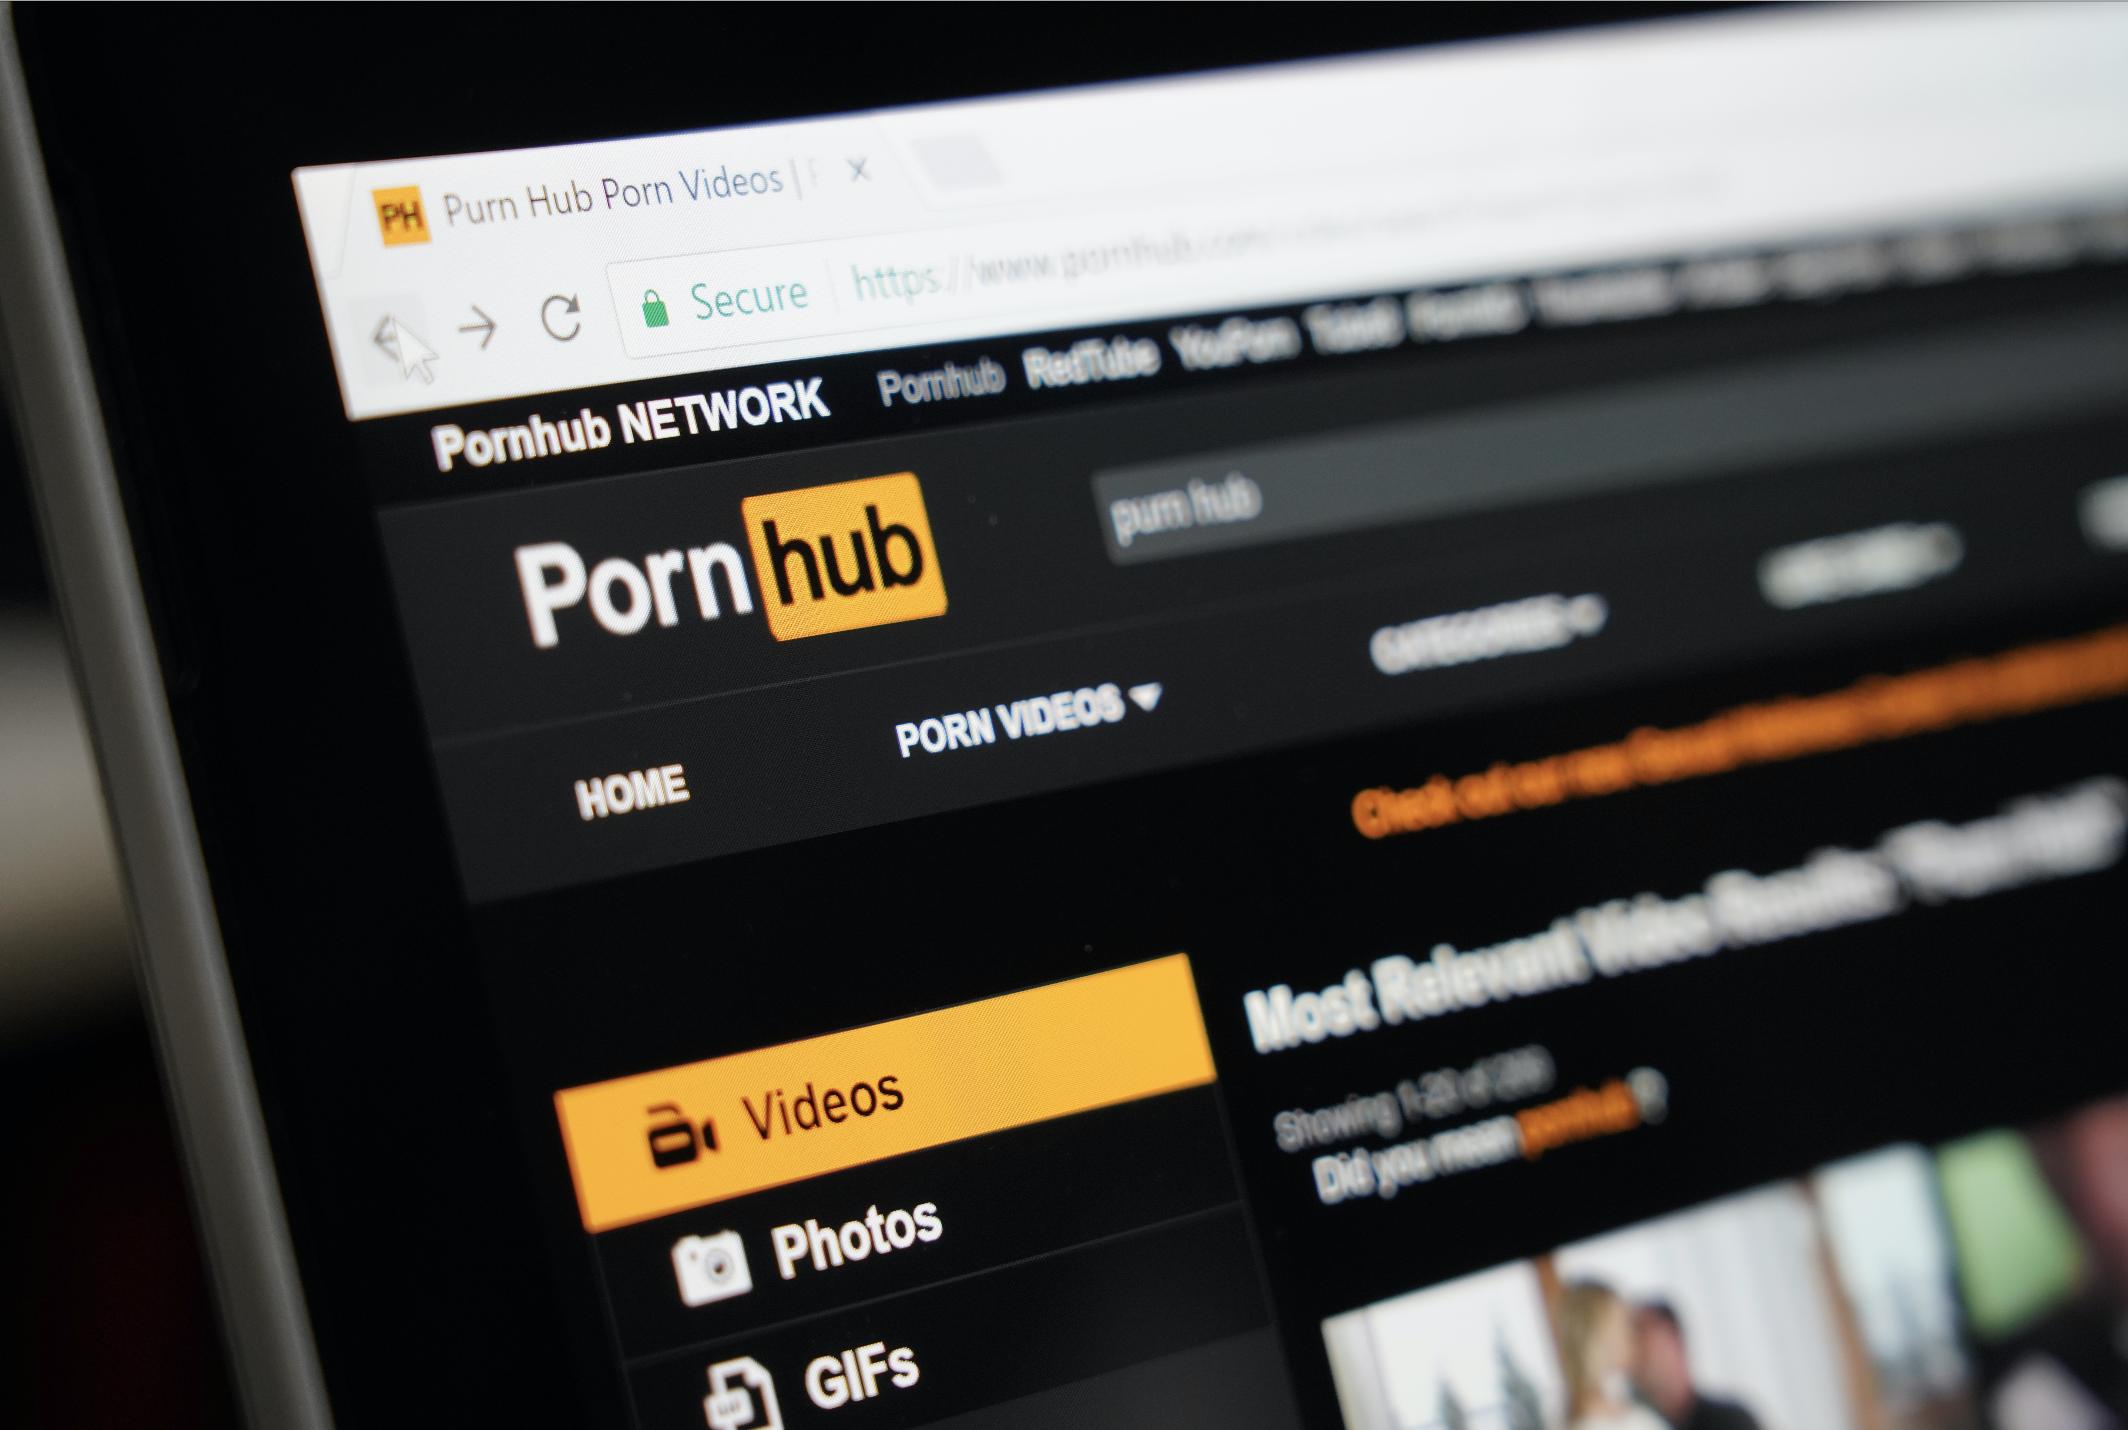 Pornhubl